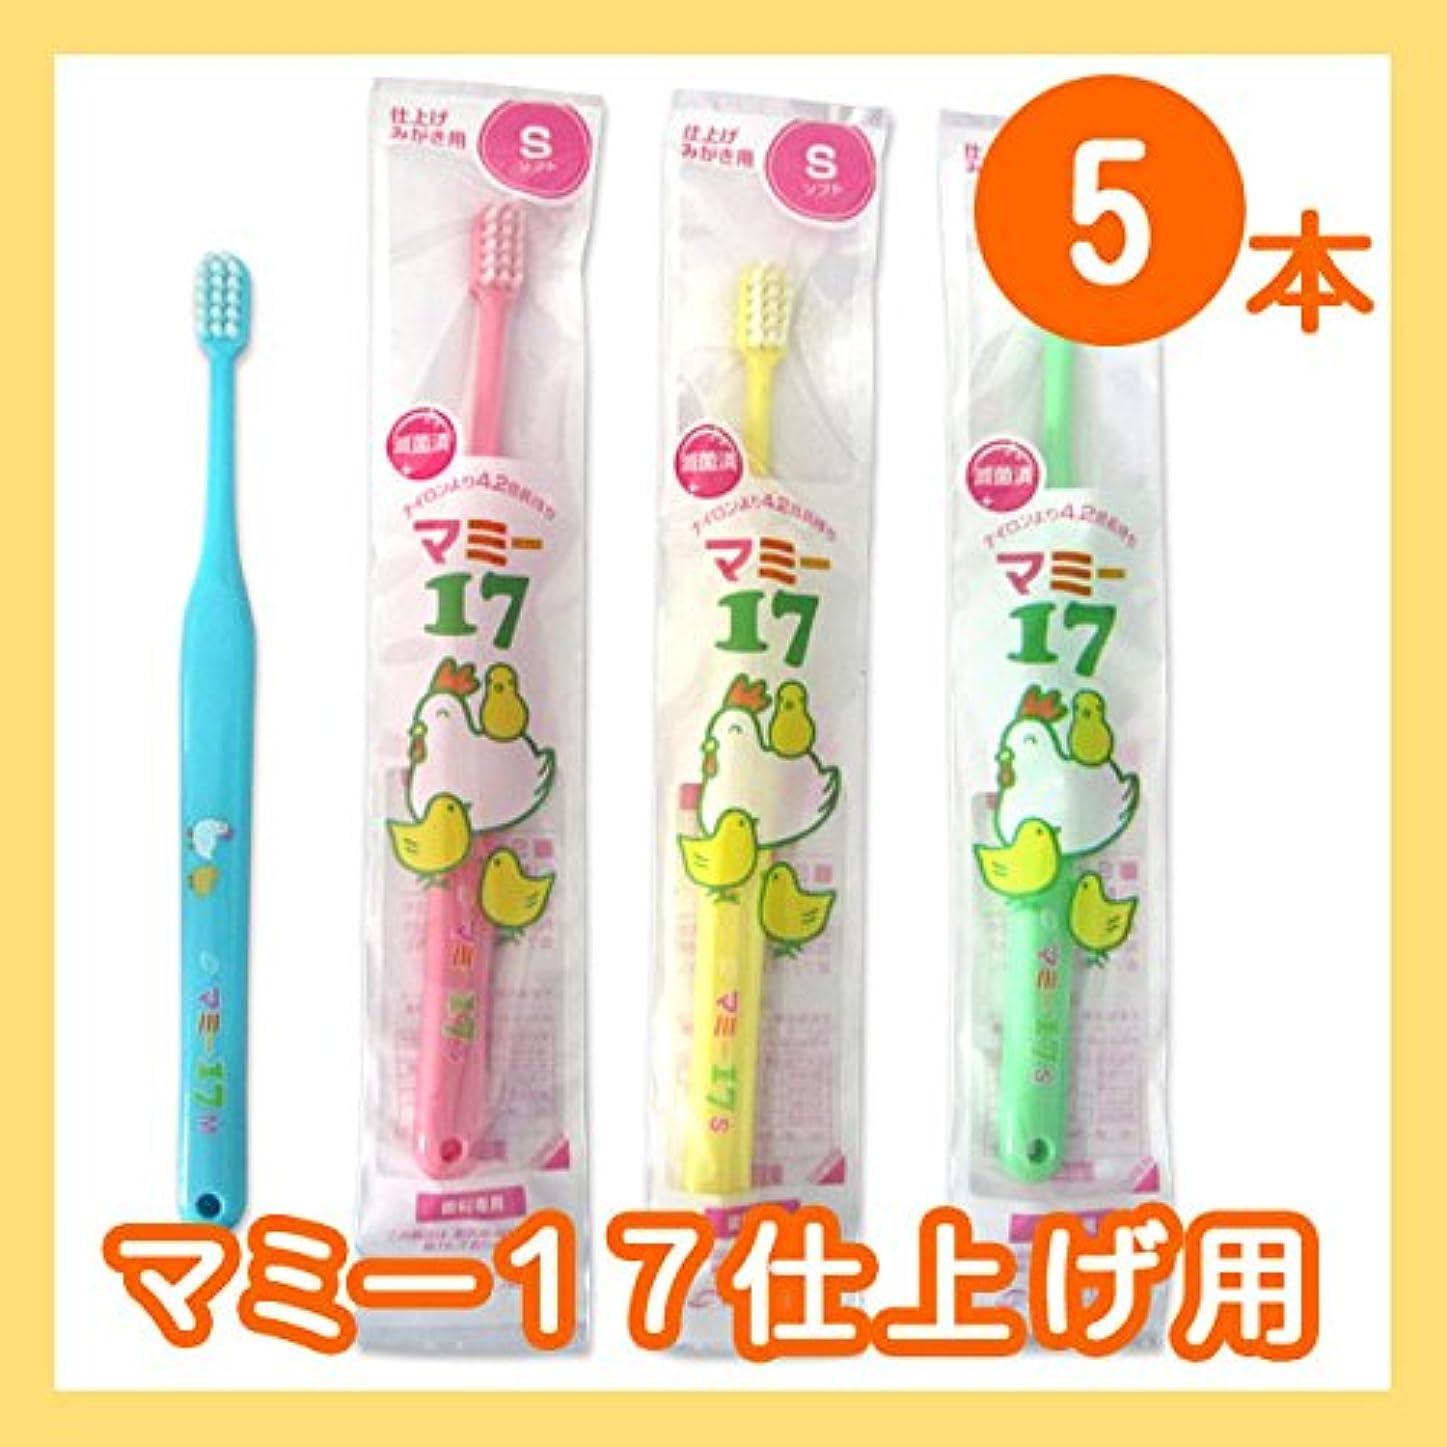 推論バズ聞きますオーラルケア マミー17 子供 点検?仕上げ磨き用 歯ブラシ 5本セット ミディアム ピンク